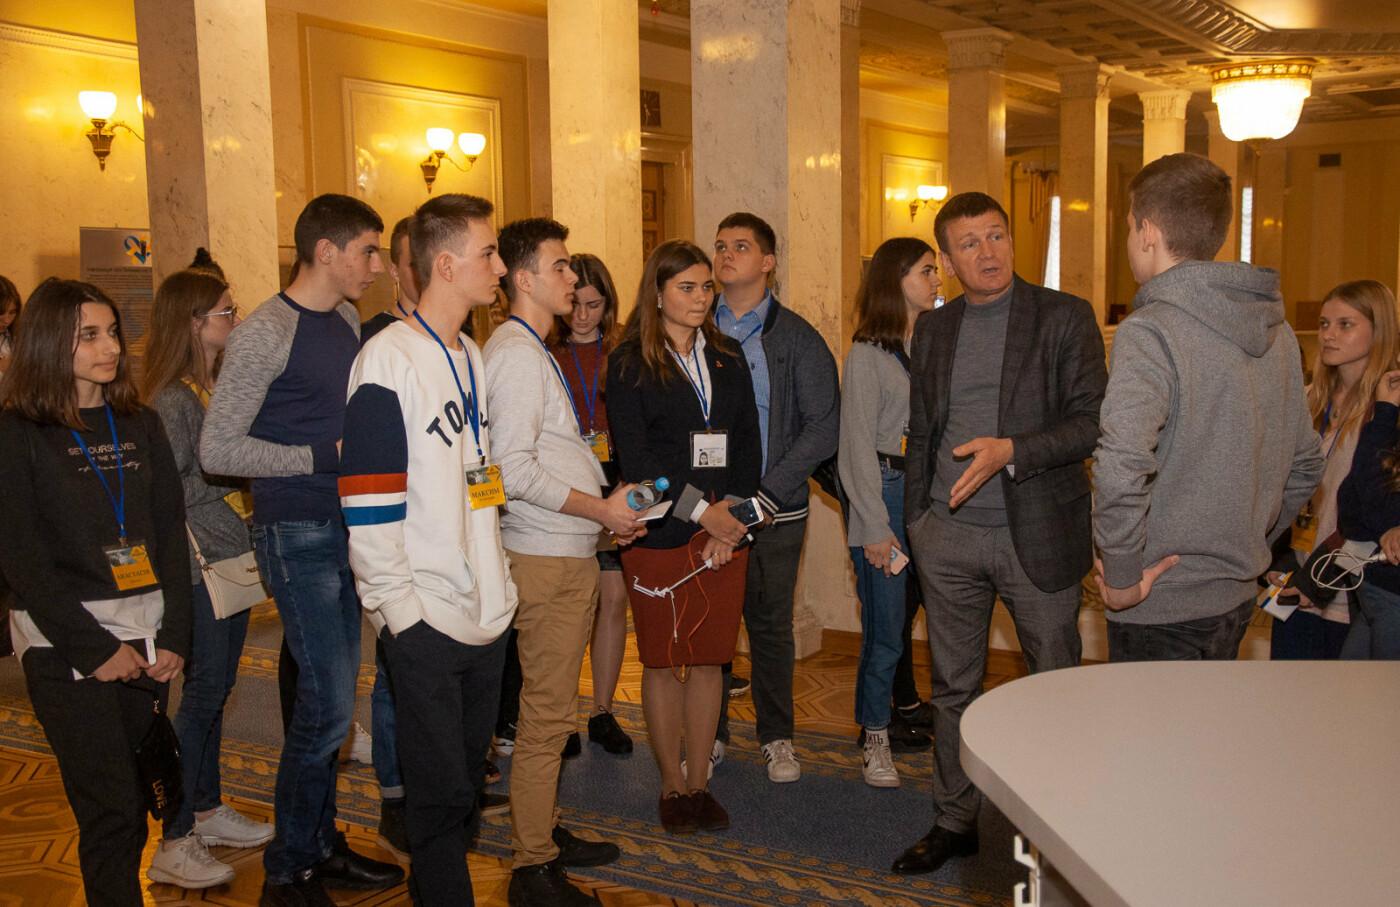 Подорож до парламенту: 20 закарпатських школярів виграли поїздку на освітню екскурсію до Верховної Ради (ВІДЕО), фото-6